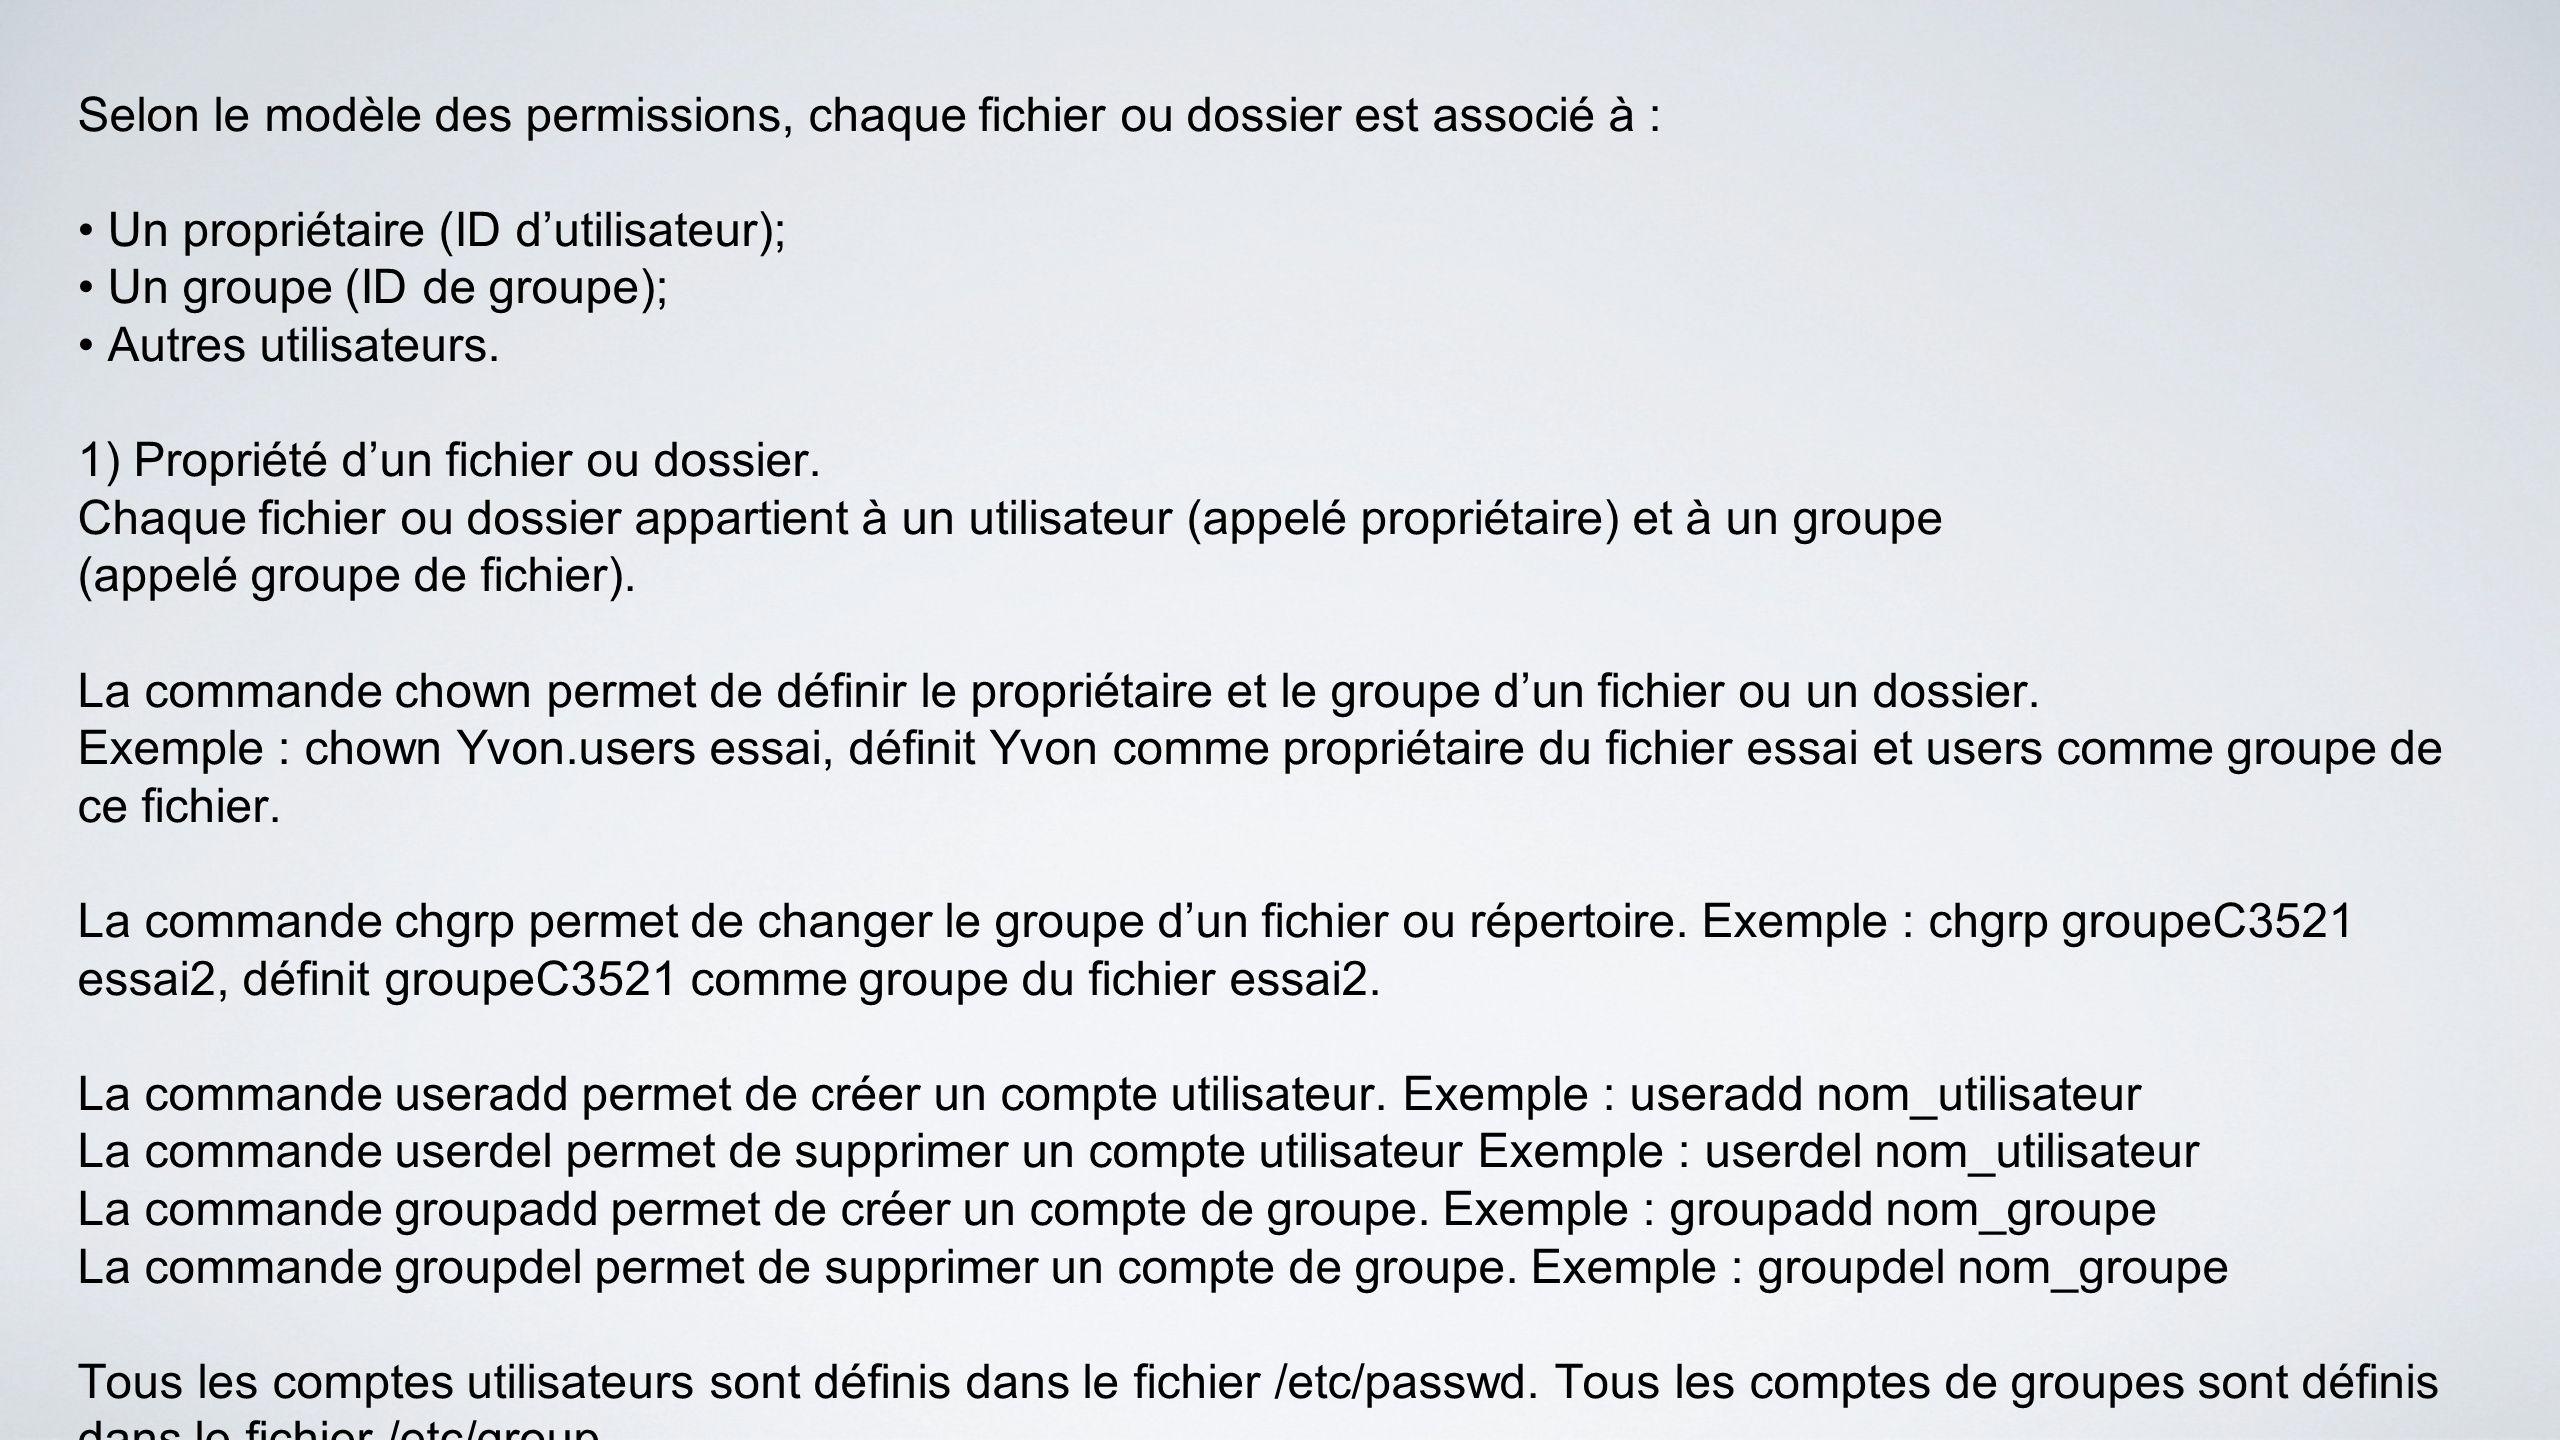 Selon le modèle des permissions, chaque fichier ou dossier est associé à :